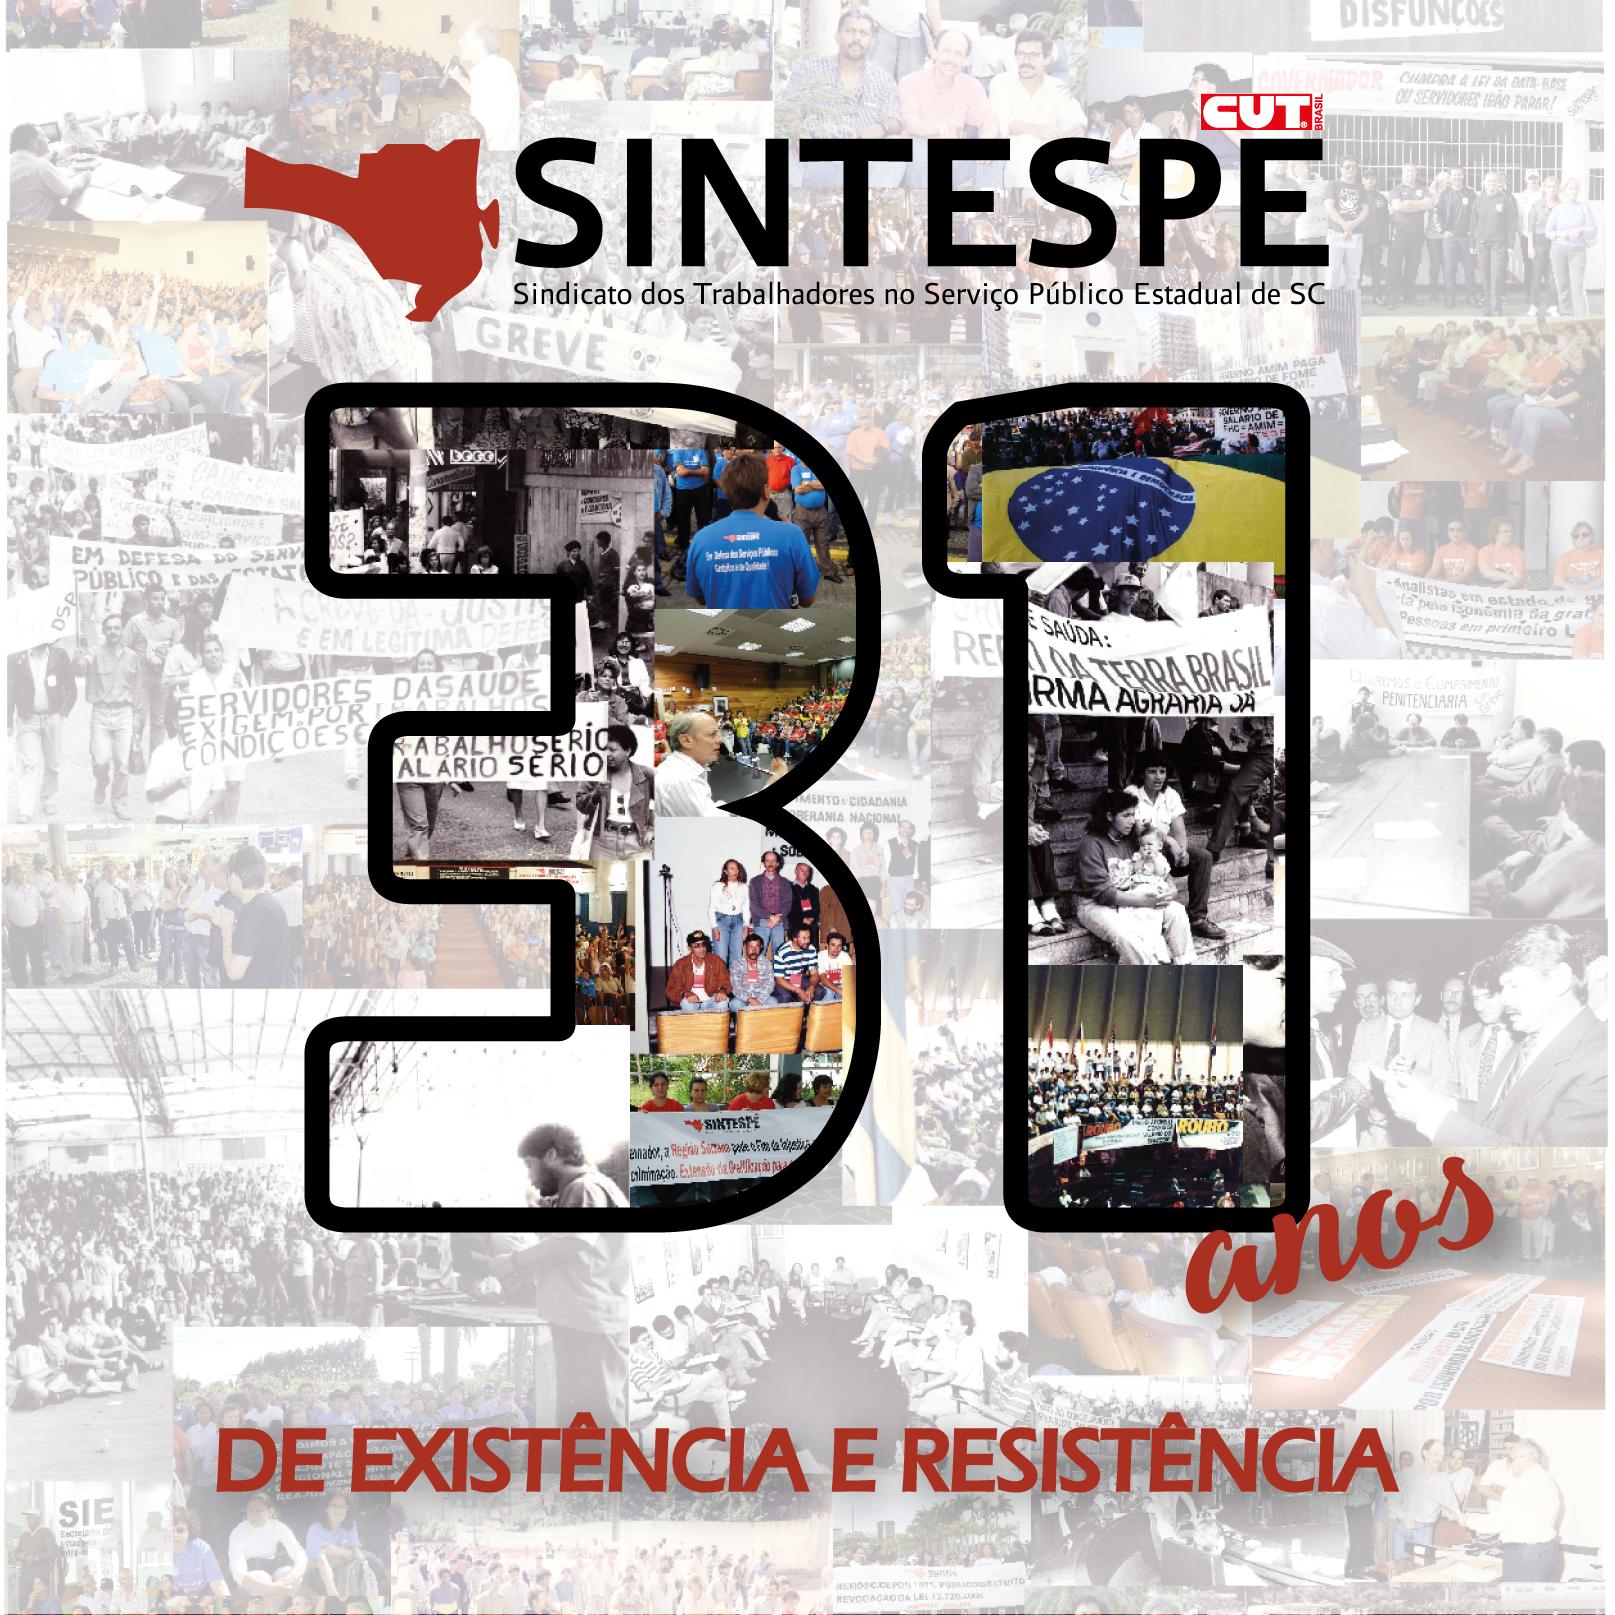 SINTESPE comemora 31 anos de existência e resistência